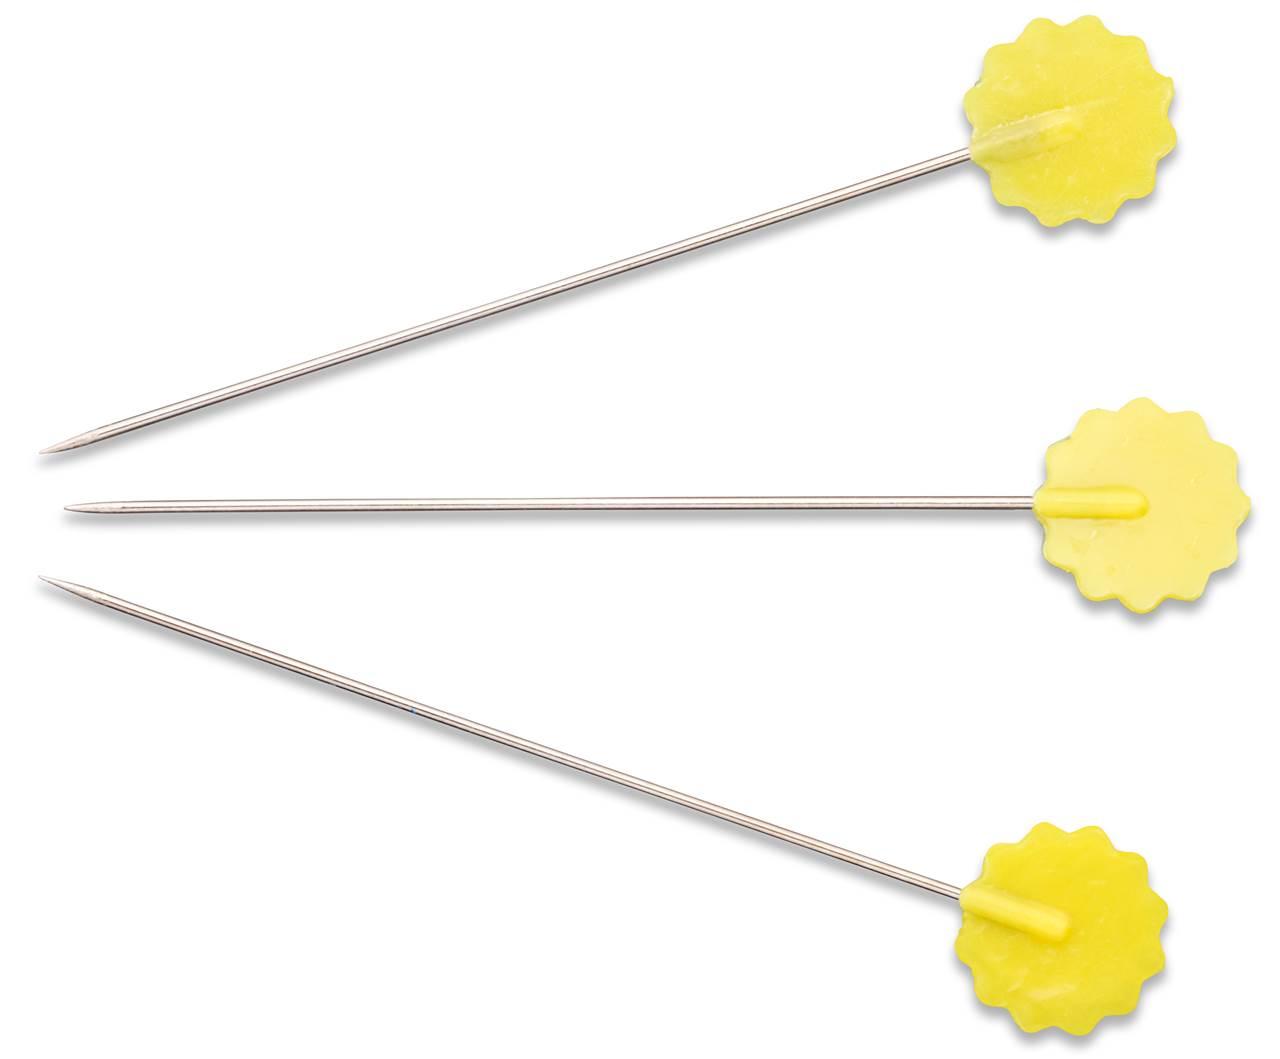 1Dose Quiltstecknadeln mit Blumenkopf Prym Inhalt: